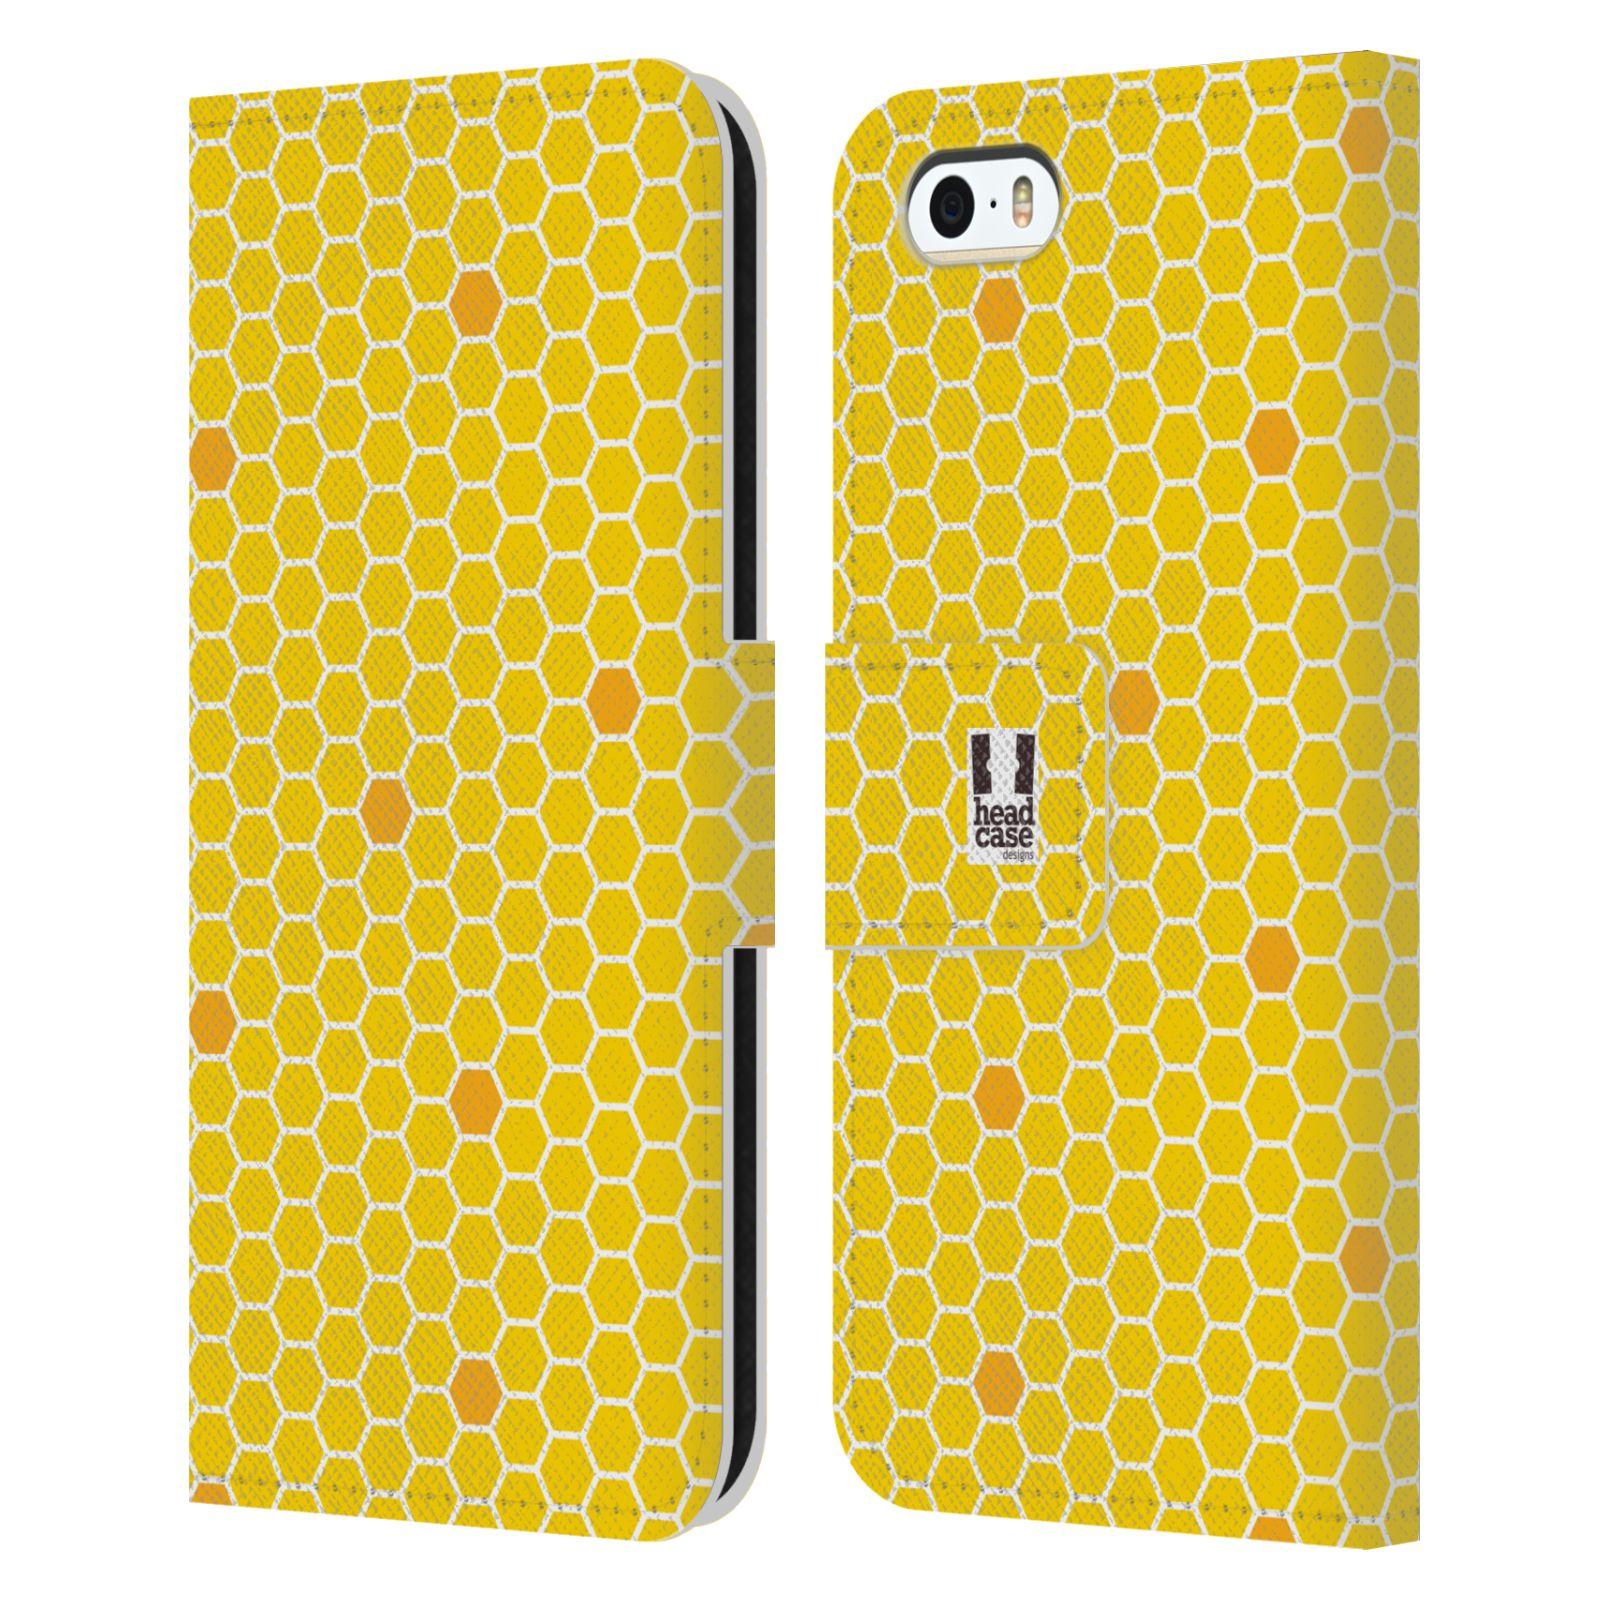 HEAD CASE Flipové pouzdro pro mobil Apple Iphone 5/5s VČELÍ VZOR plástev žlutá